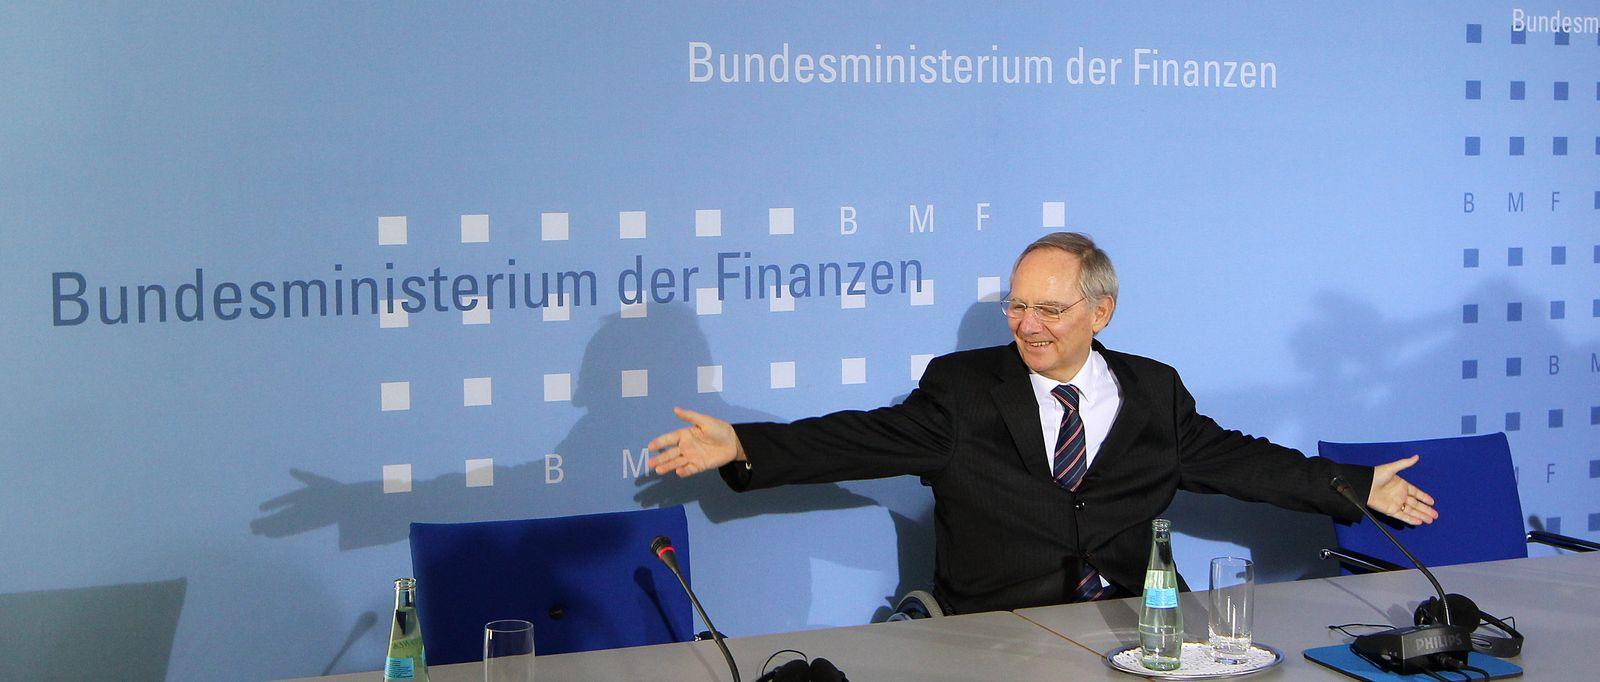 Pk Schäuble einladend